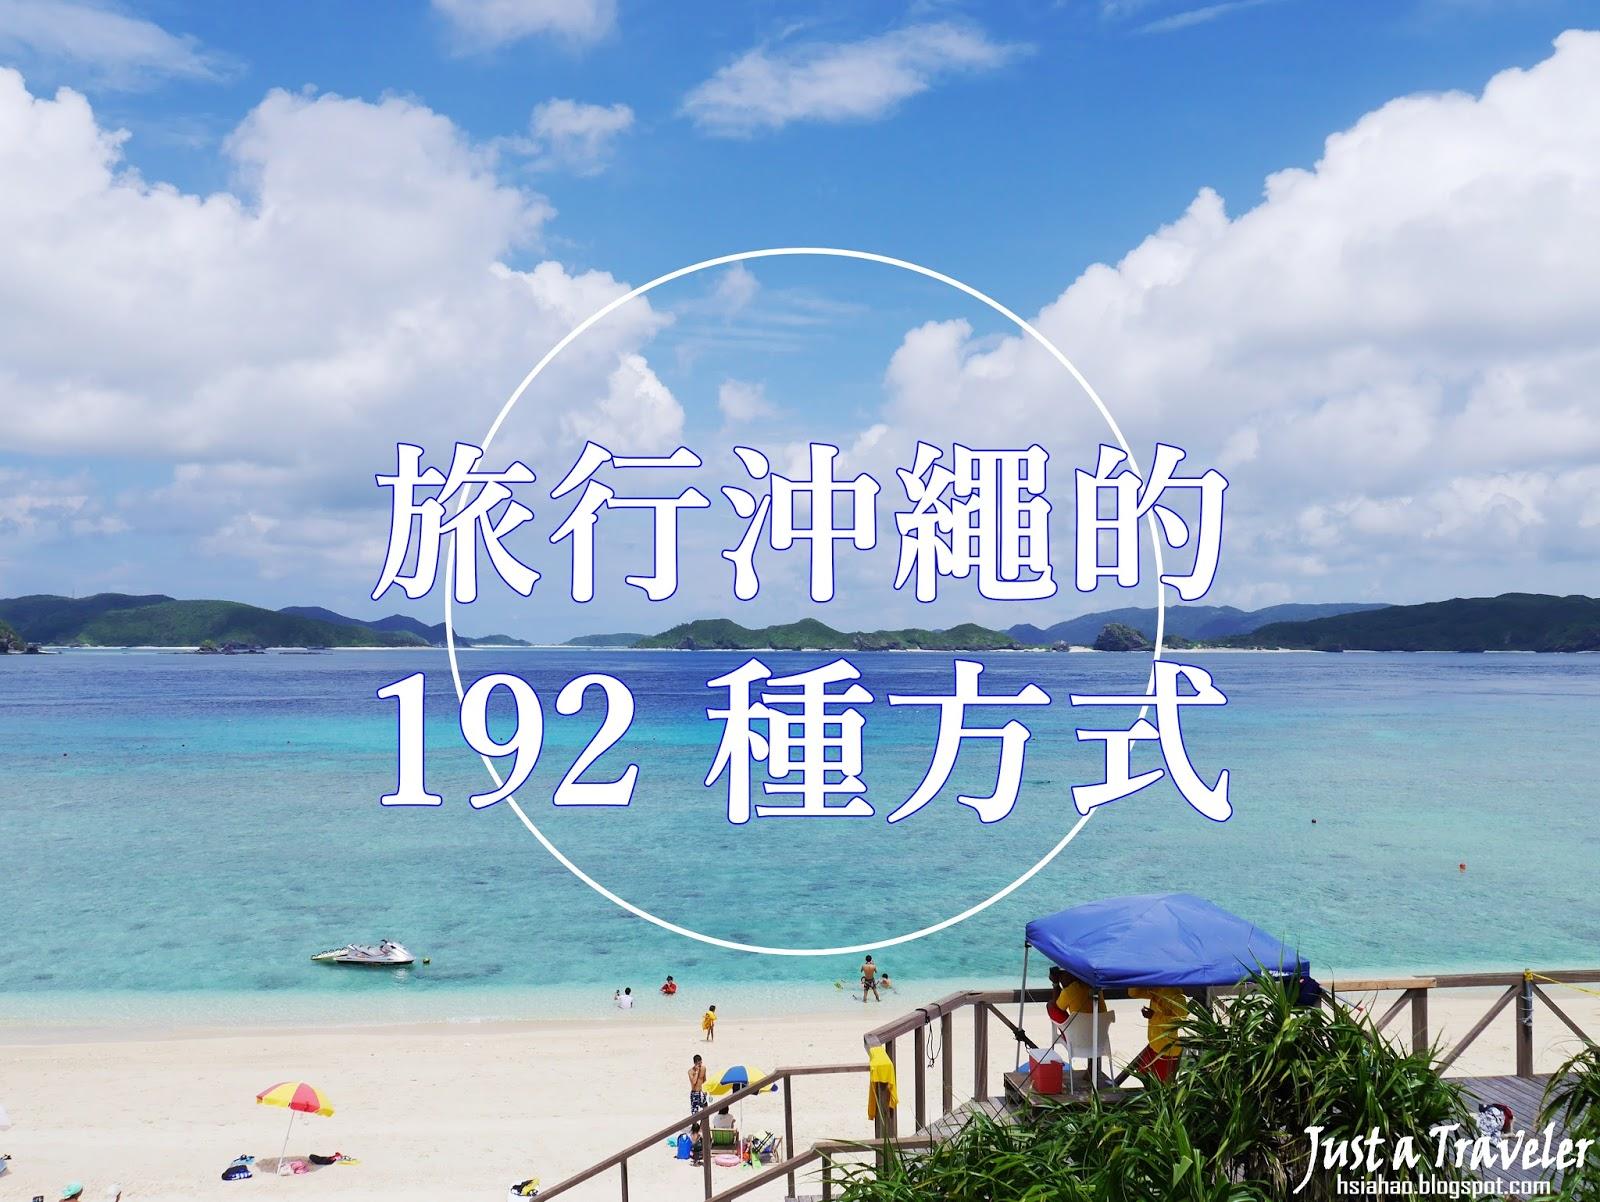 沖繩-行程-旅遊-自由行-推薦-安排-Okinawa-travel-itinerary